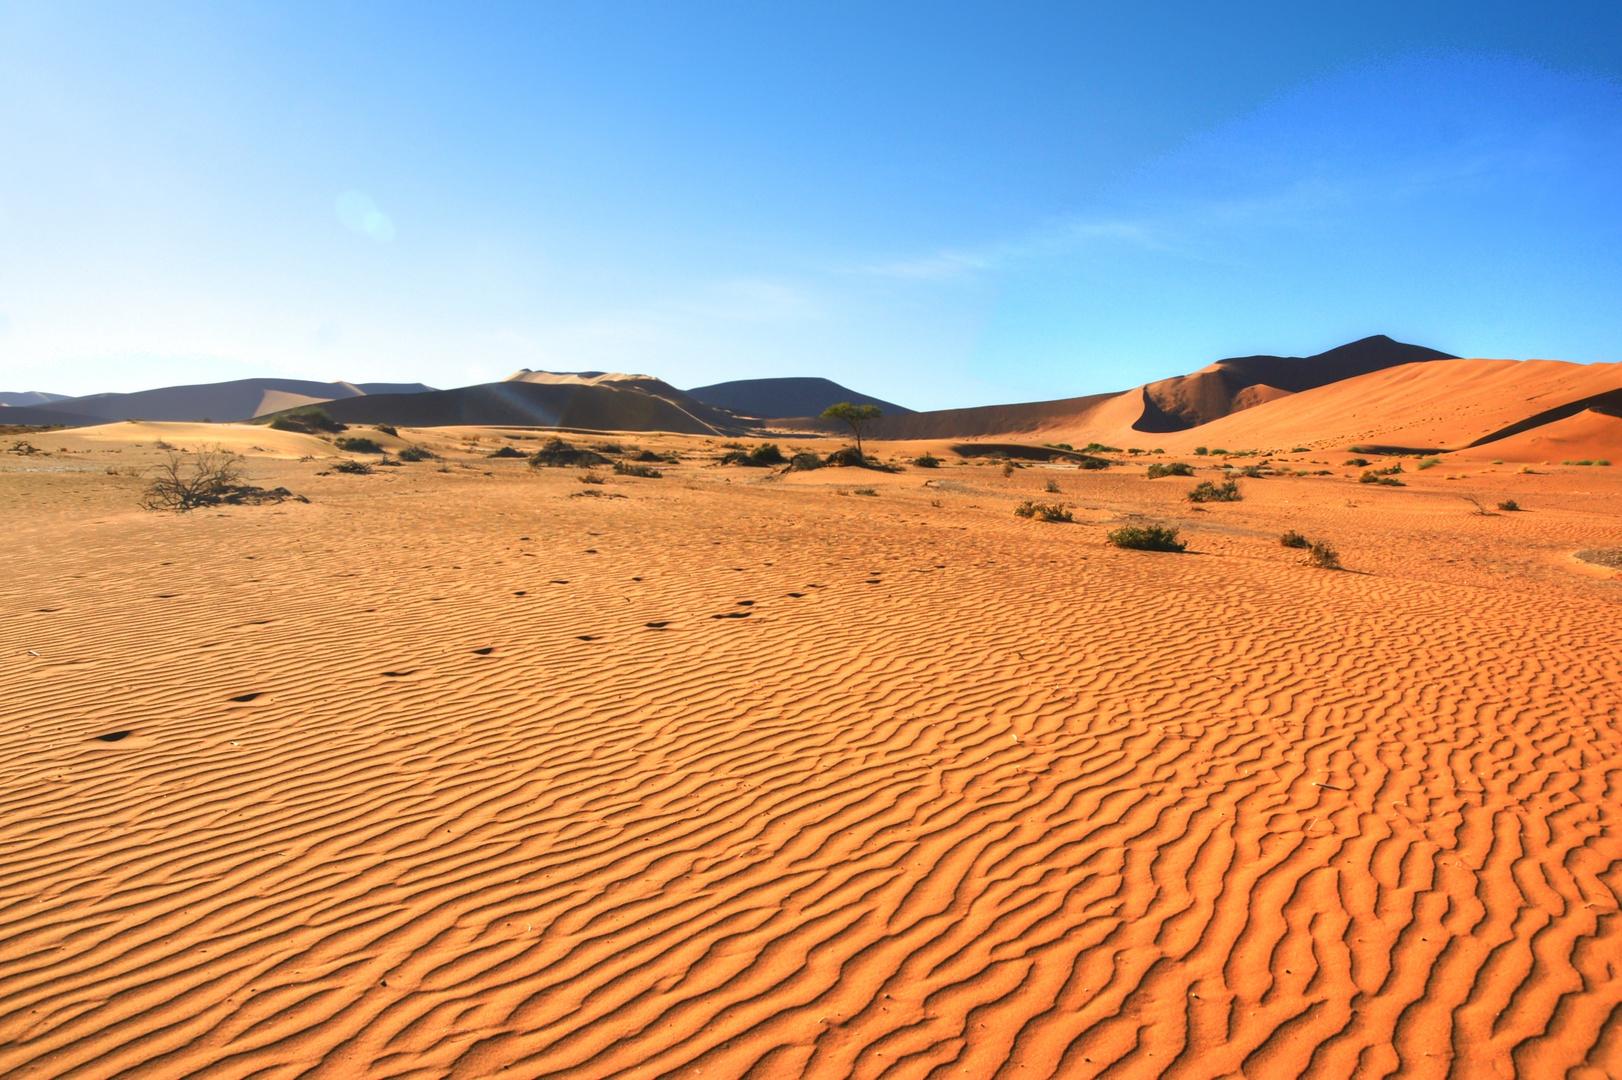 Die Wüste in Namibia bei Sossovlei